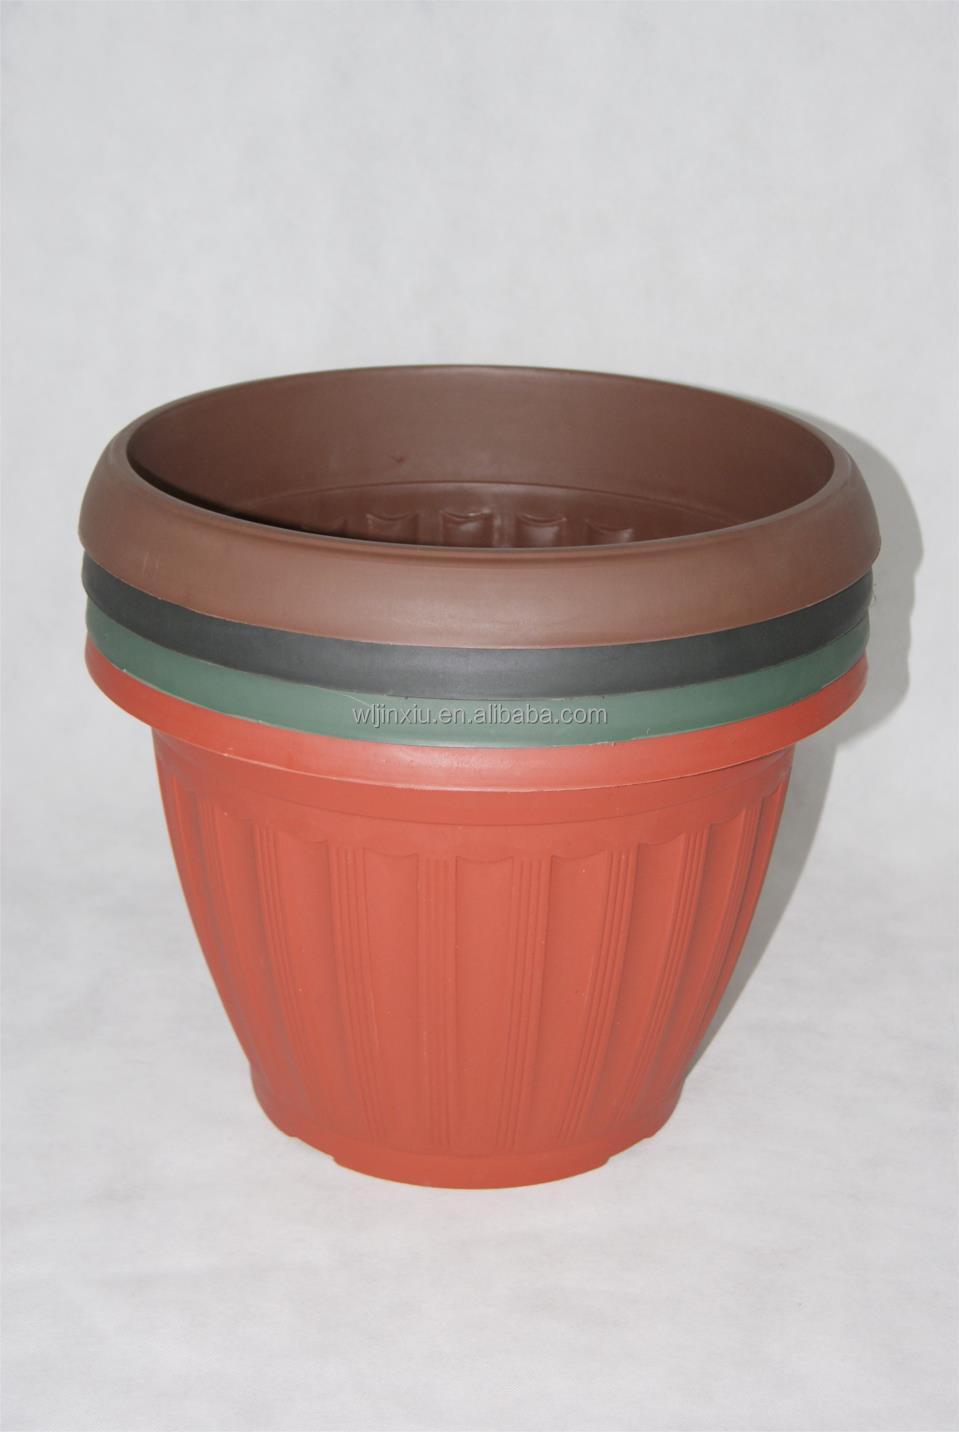 wholesale pp plant pot buy office pp garden pot wholesale pp plant